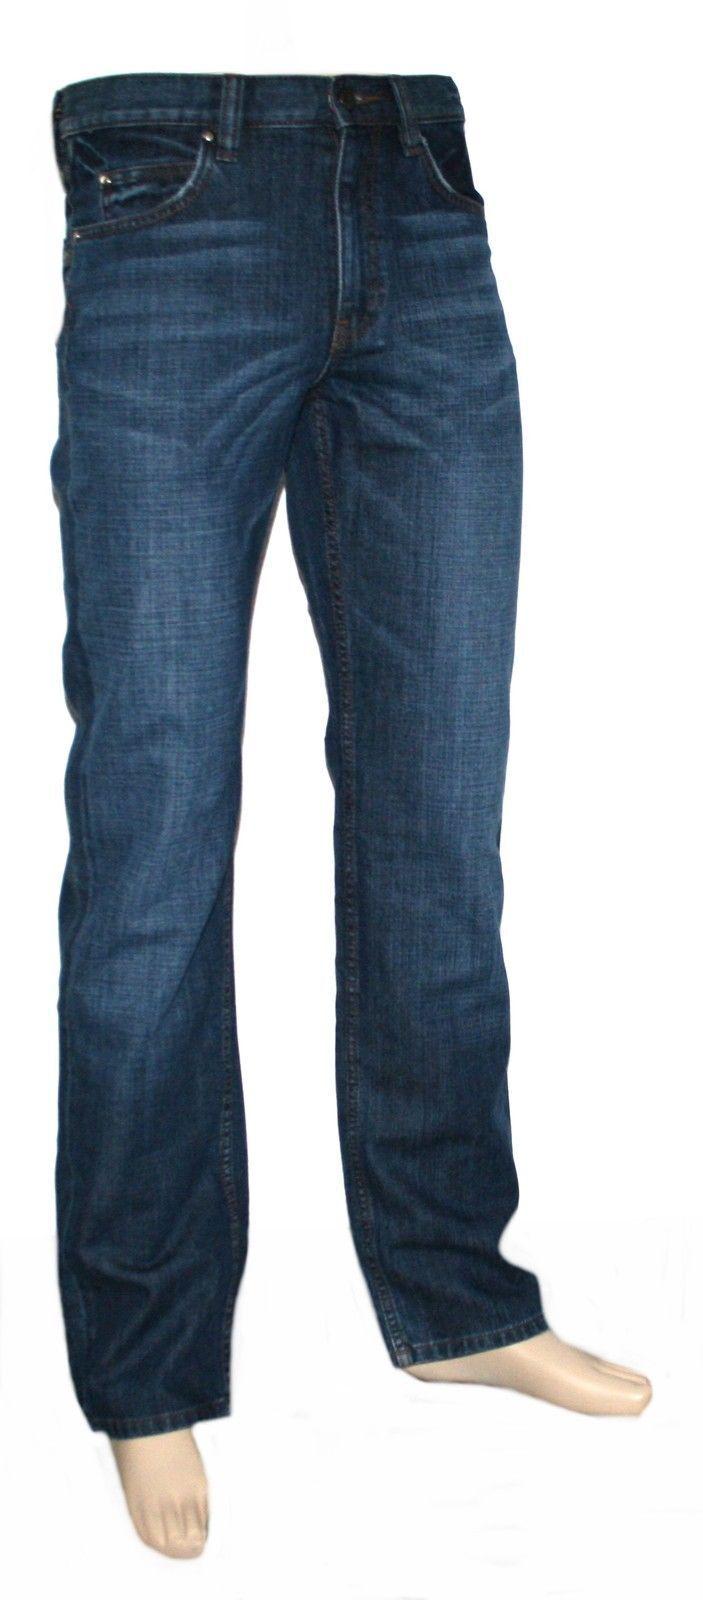 Joop 66100 822 bluee Denim Robbie Jeans W31 L34 by Joop